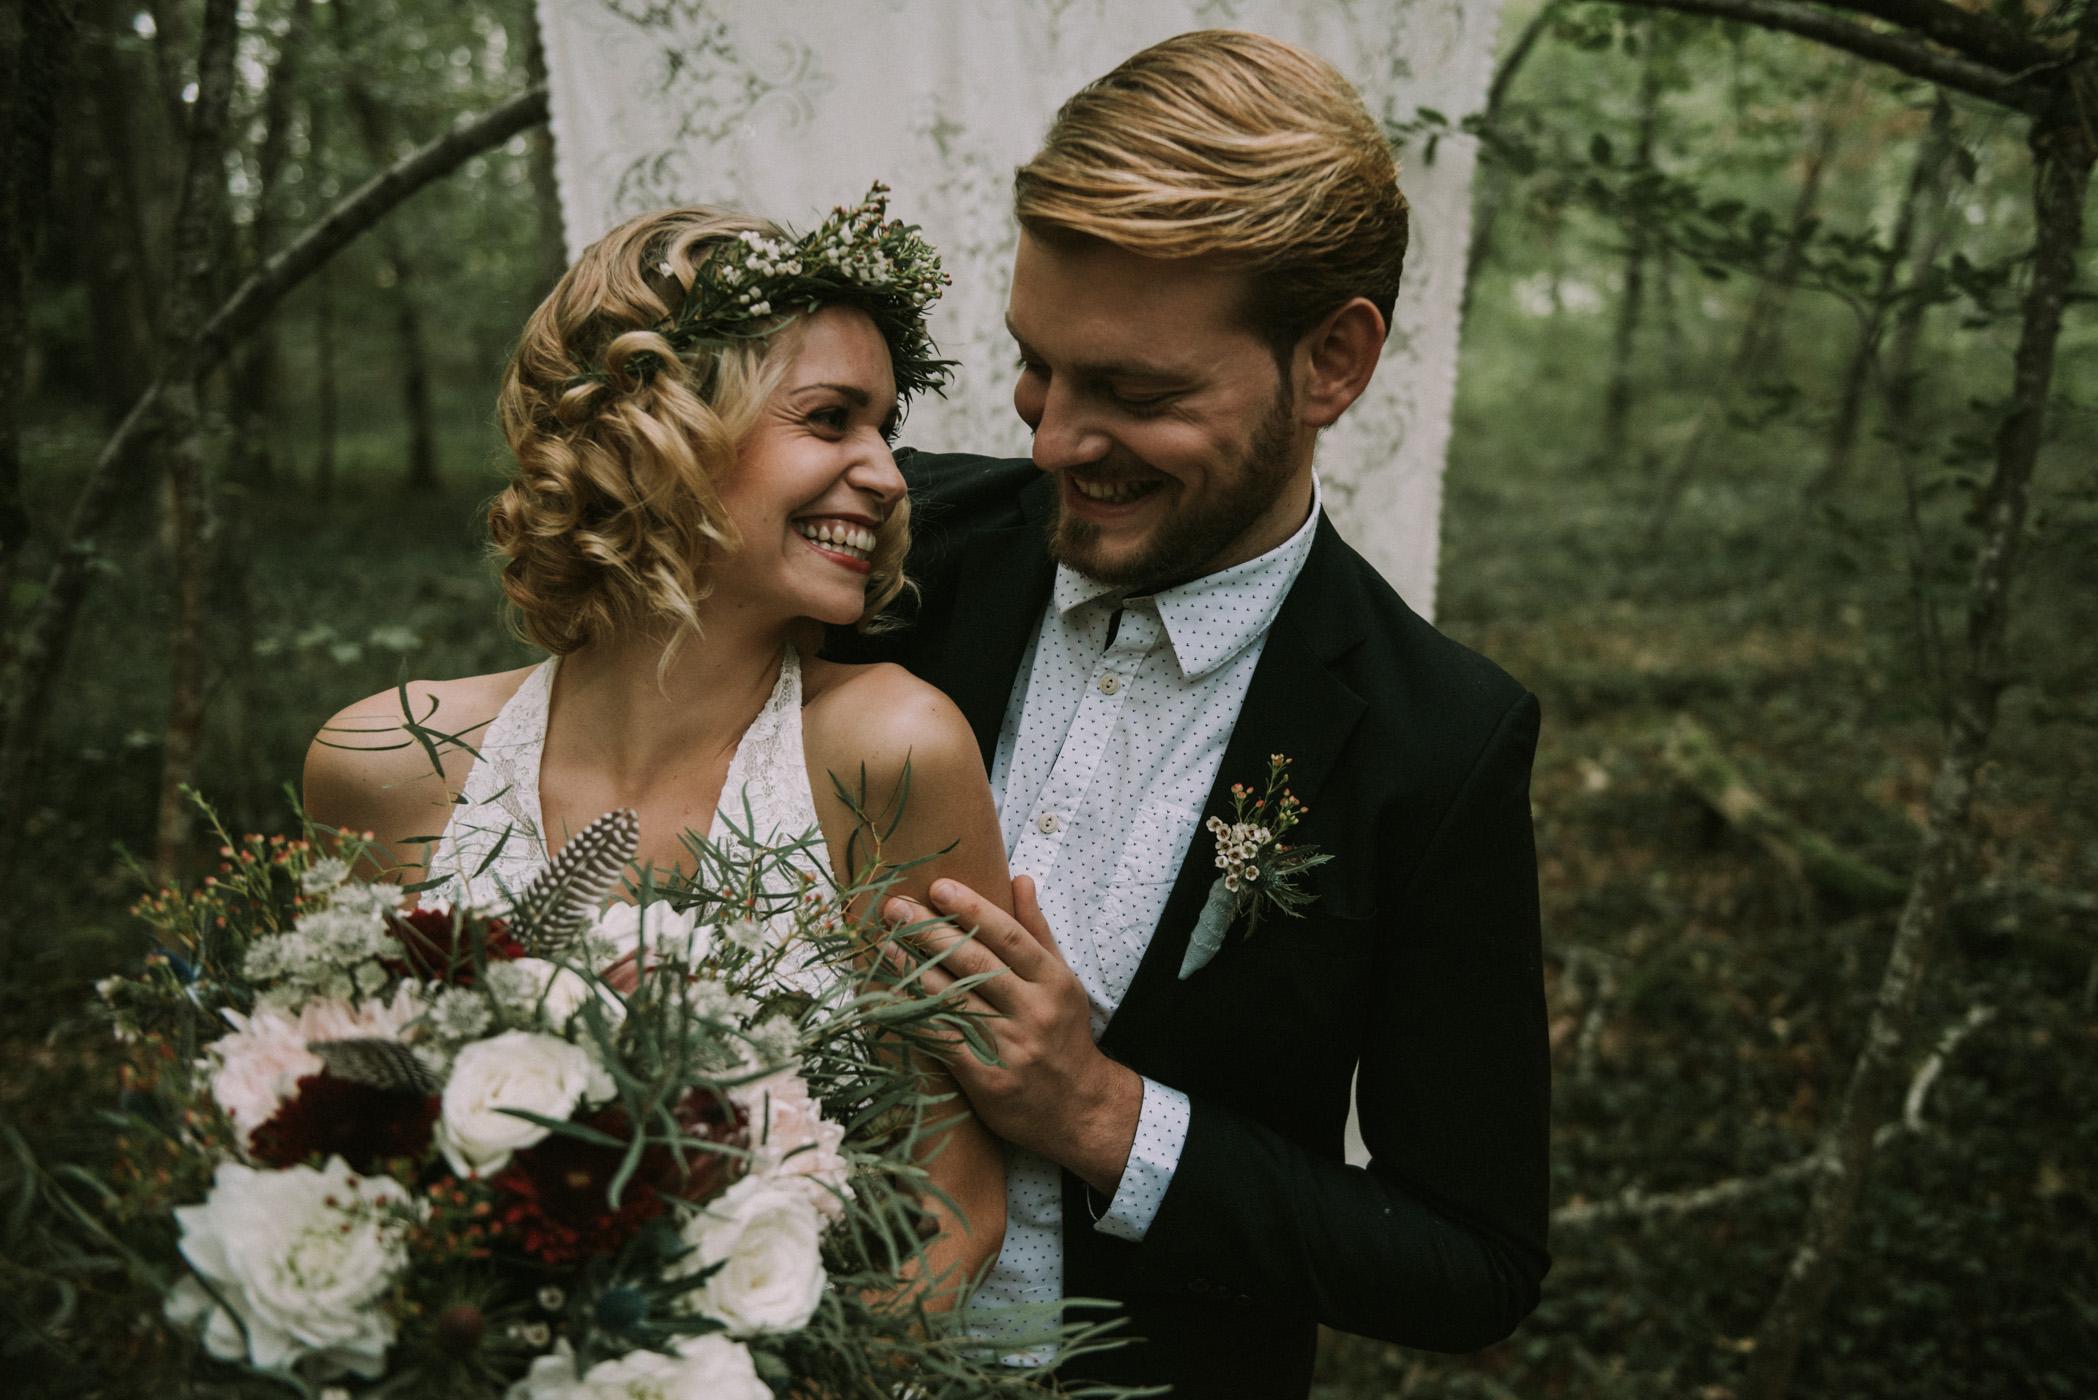 sun-drops-down-shooting-dinspiration-automnal-sous-les-bois-en-dordogne-blog-mariage-la-mariee-sous-les-etoiles-photo-mira-al-pajarito-74